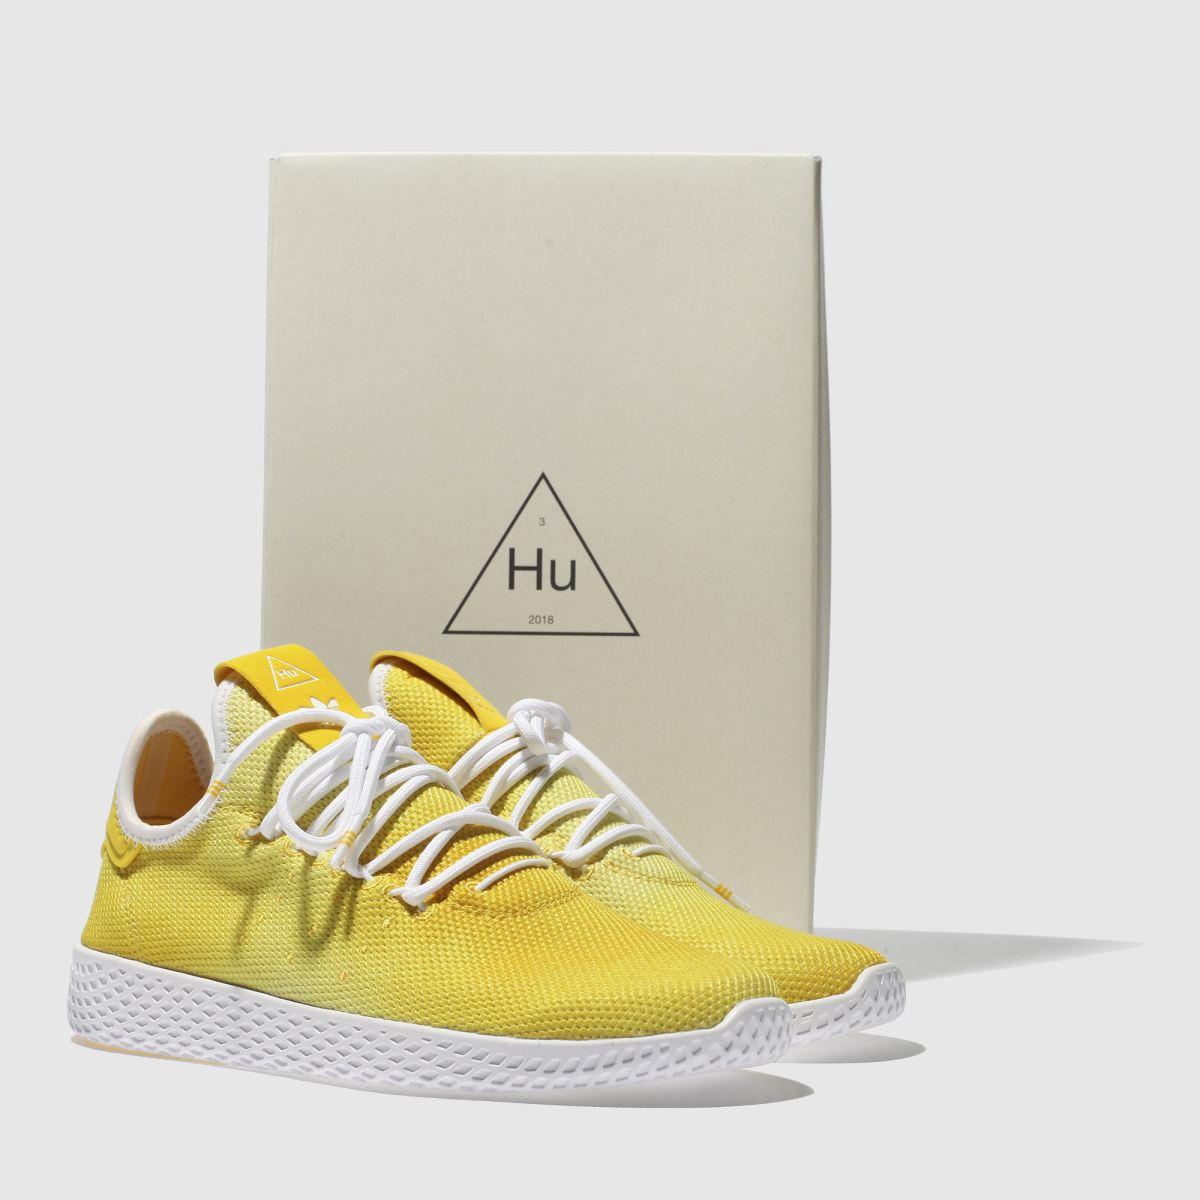 Damen Gelb Holi adidas Tennis Pharrell Hu Holi Gelb Sneaker | schuh Gute Qualität beliebte Schuhe 16f056